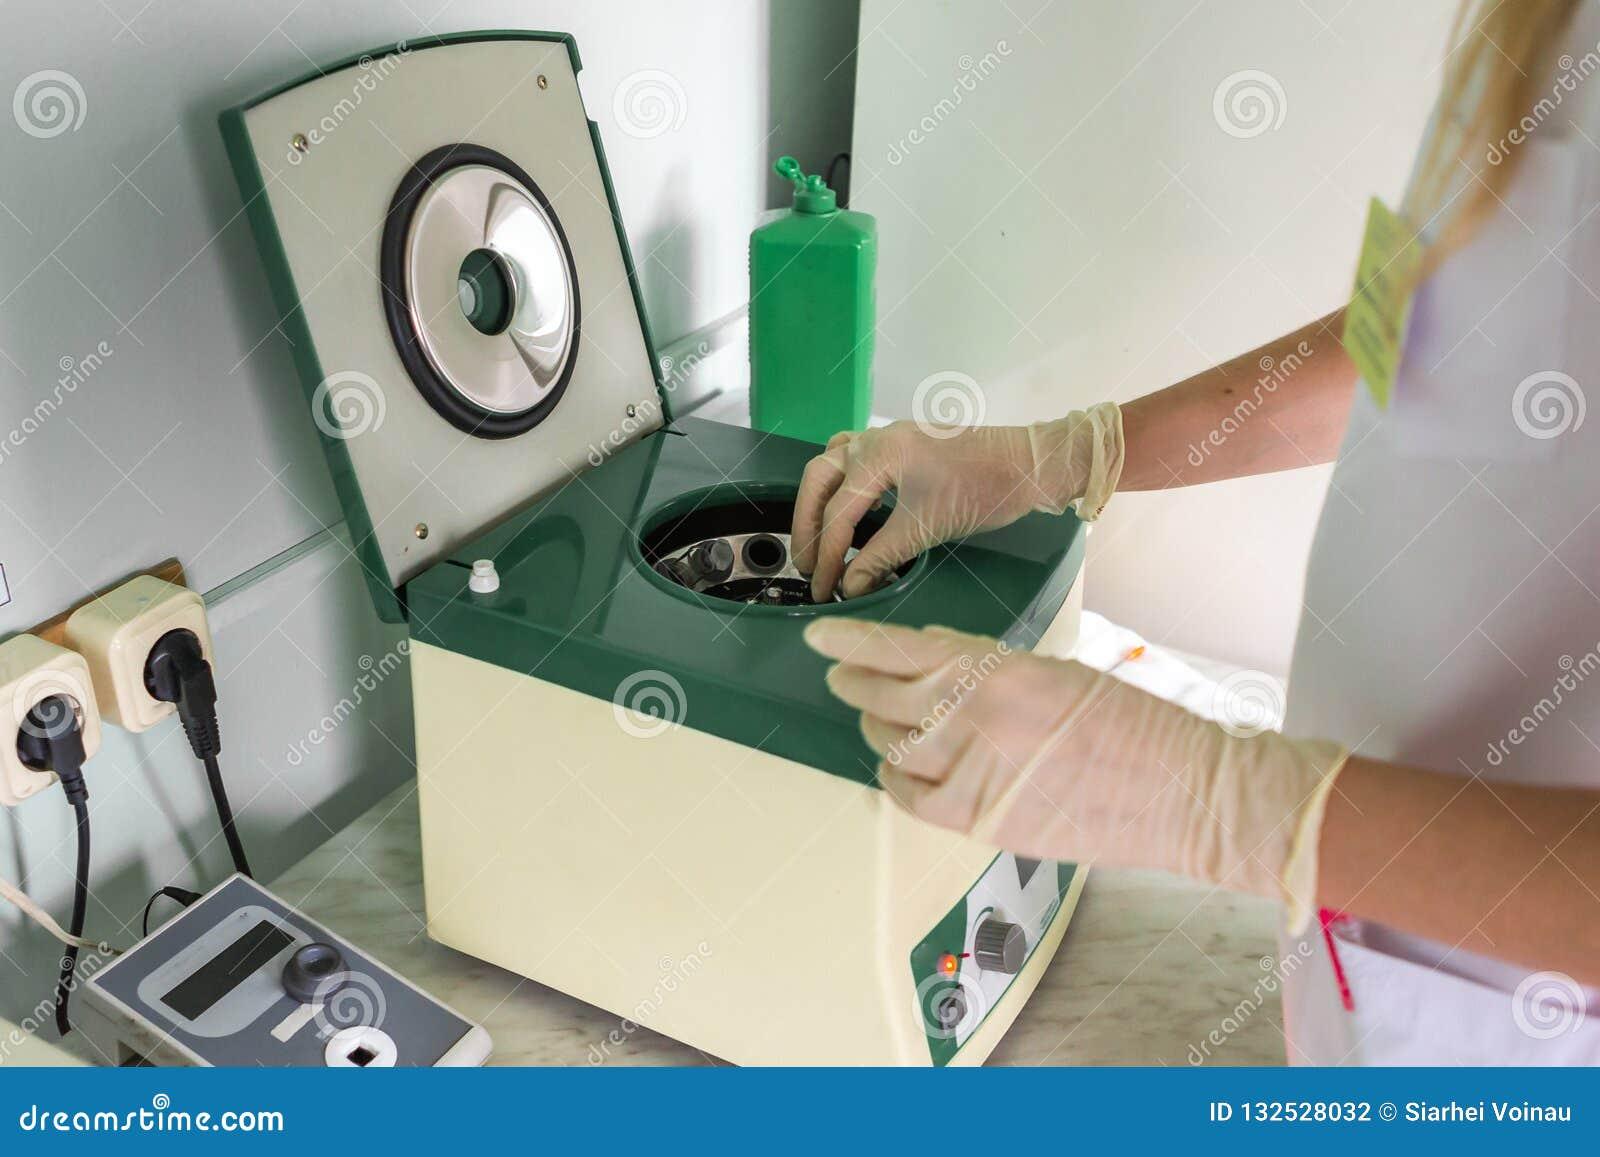 Speciale, attrezzatura medica, provette In laboratorio Il lavoro di un medico